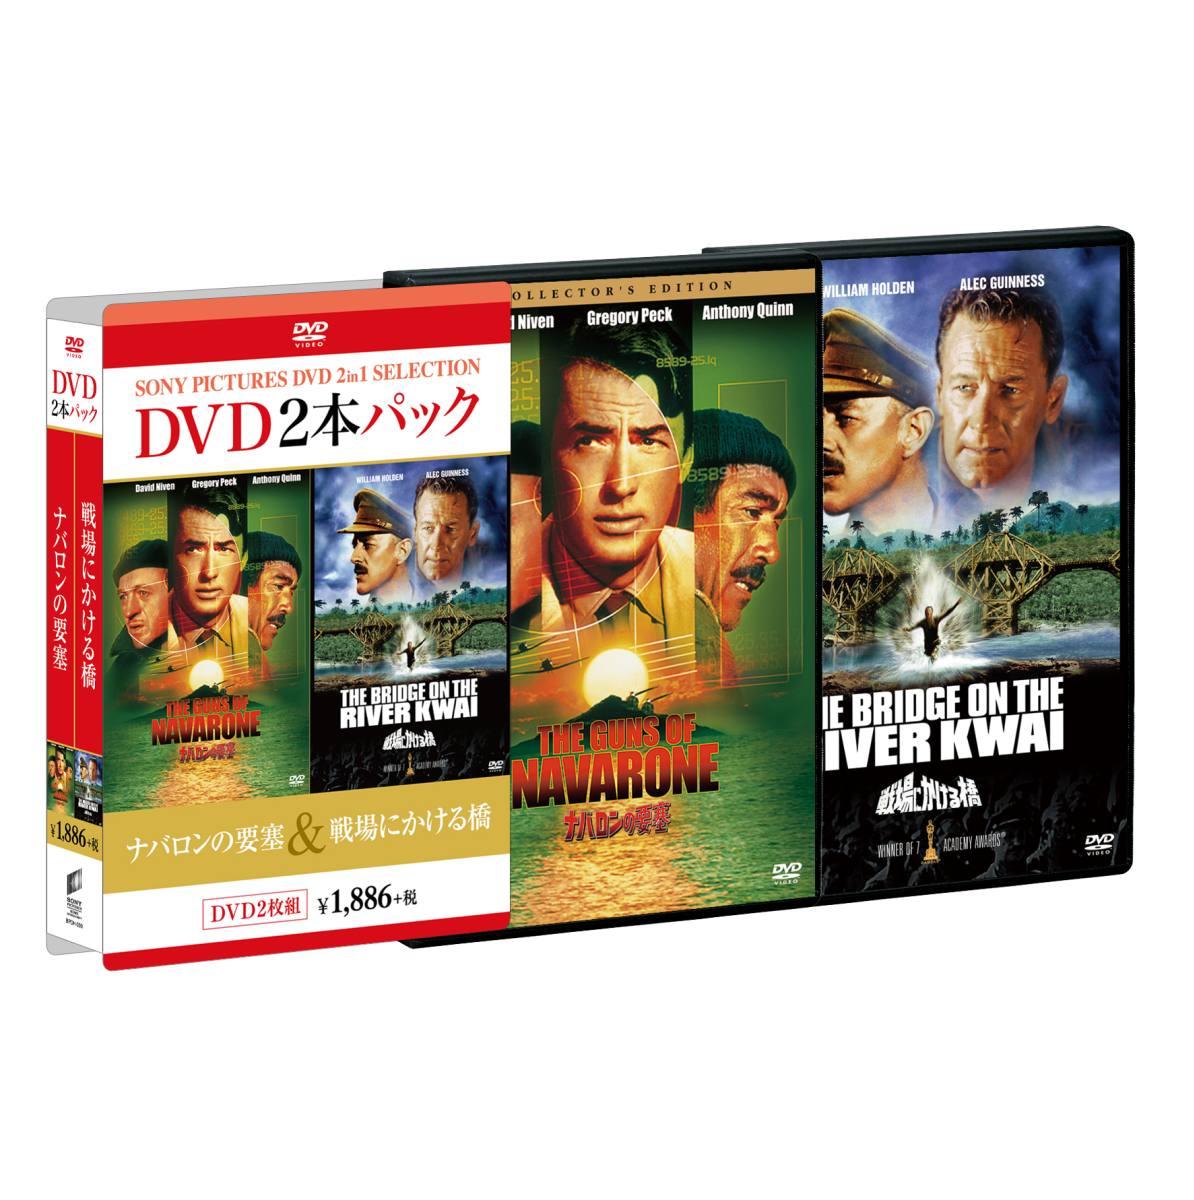 ナバロンの要塞/戦場にかける橋[BPDH-00850][DVD] 製品画像